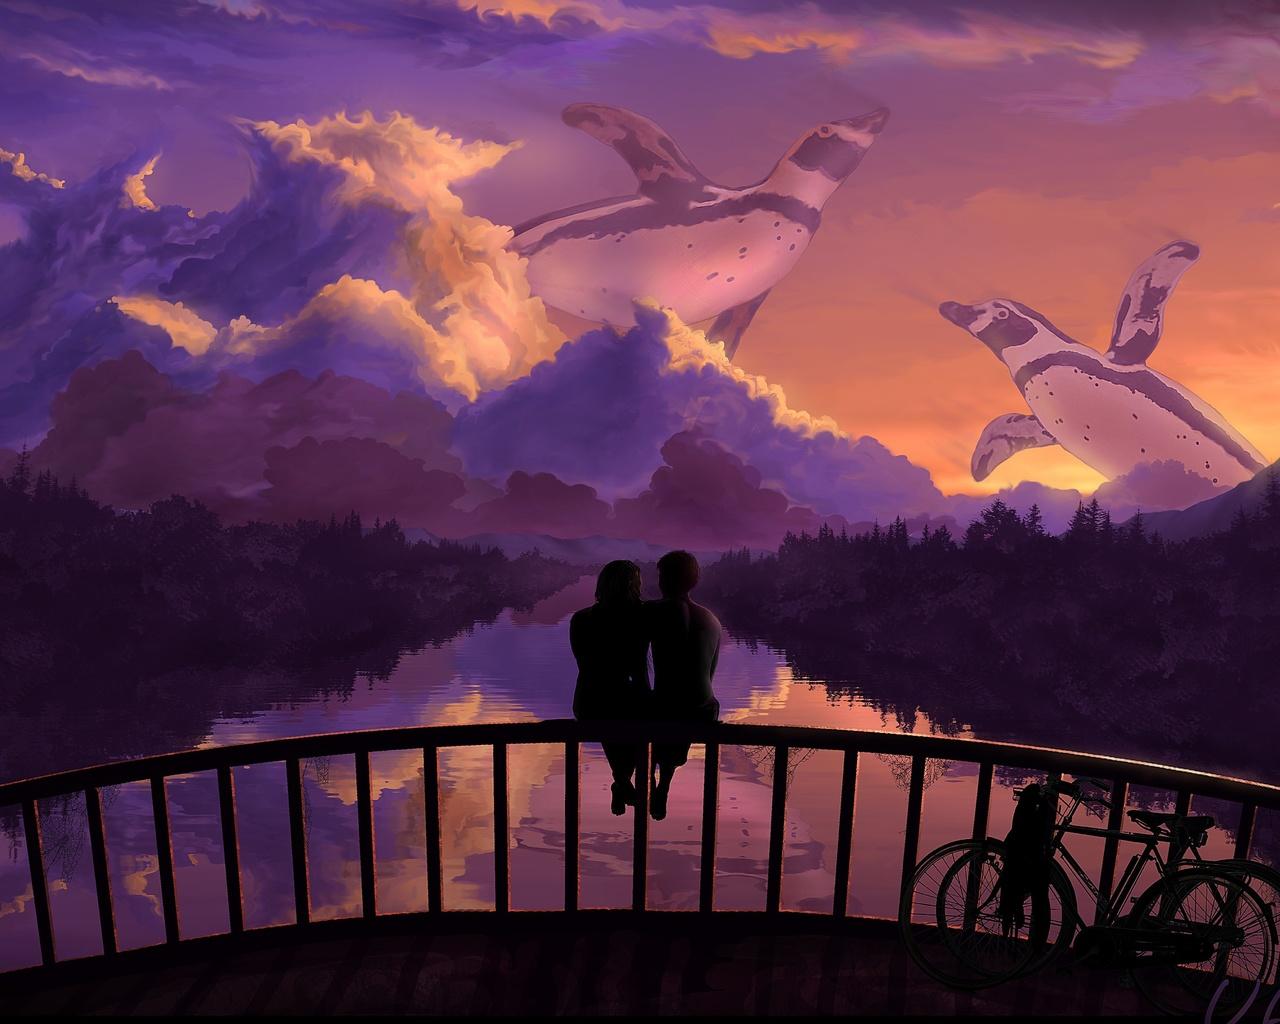 Картинки для влюбленных спокойной ночи, смешные дэдпул детишки